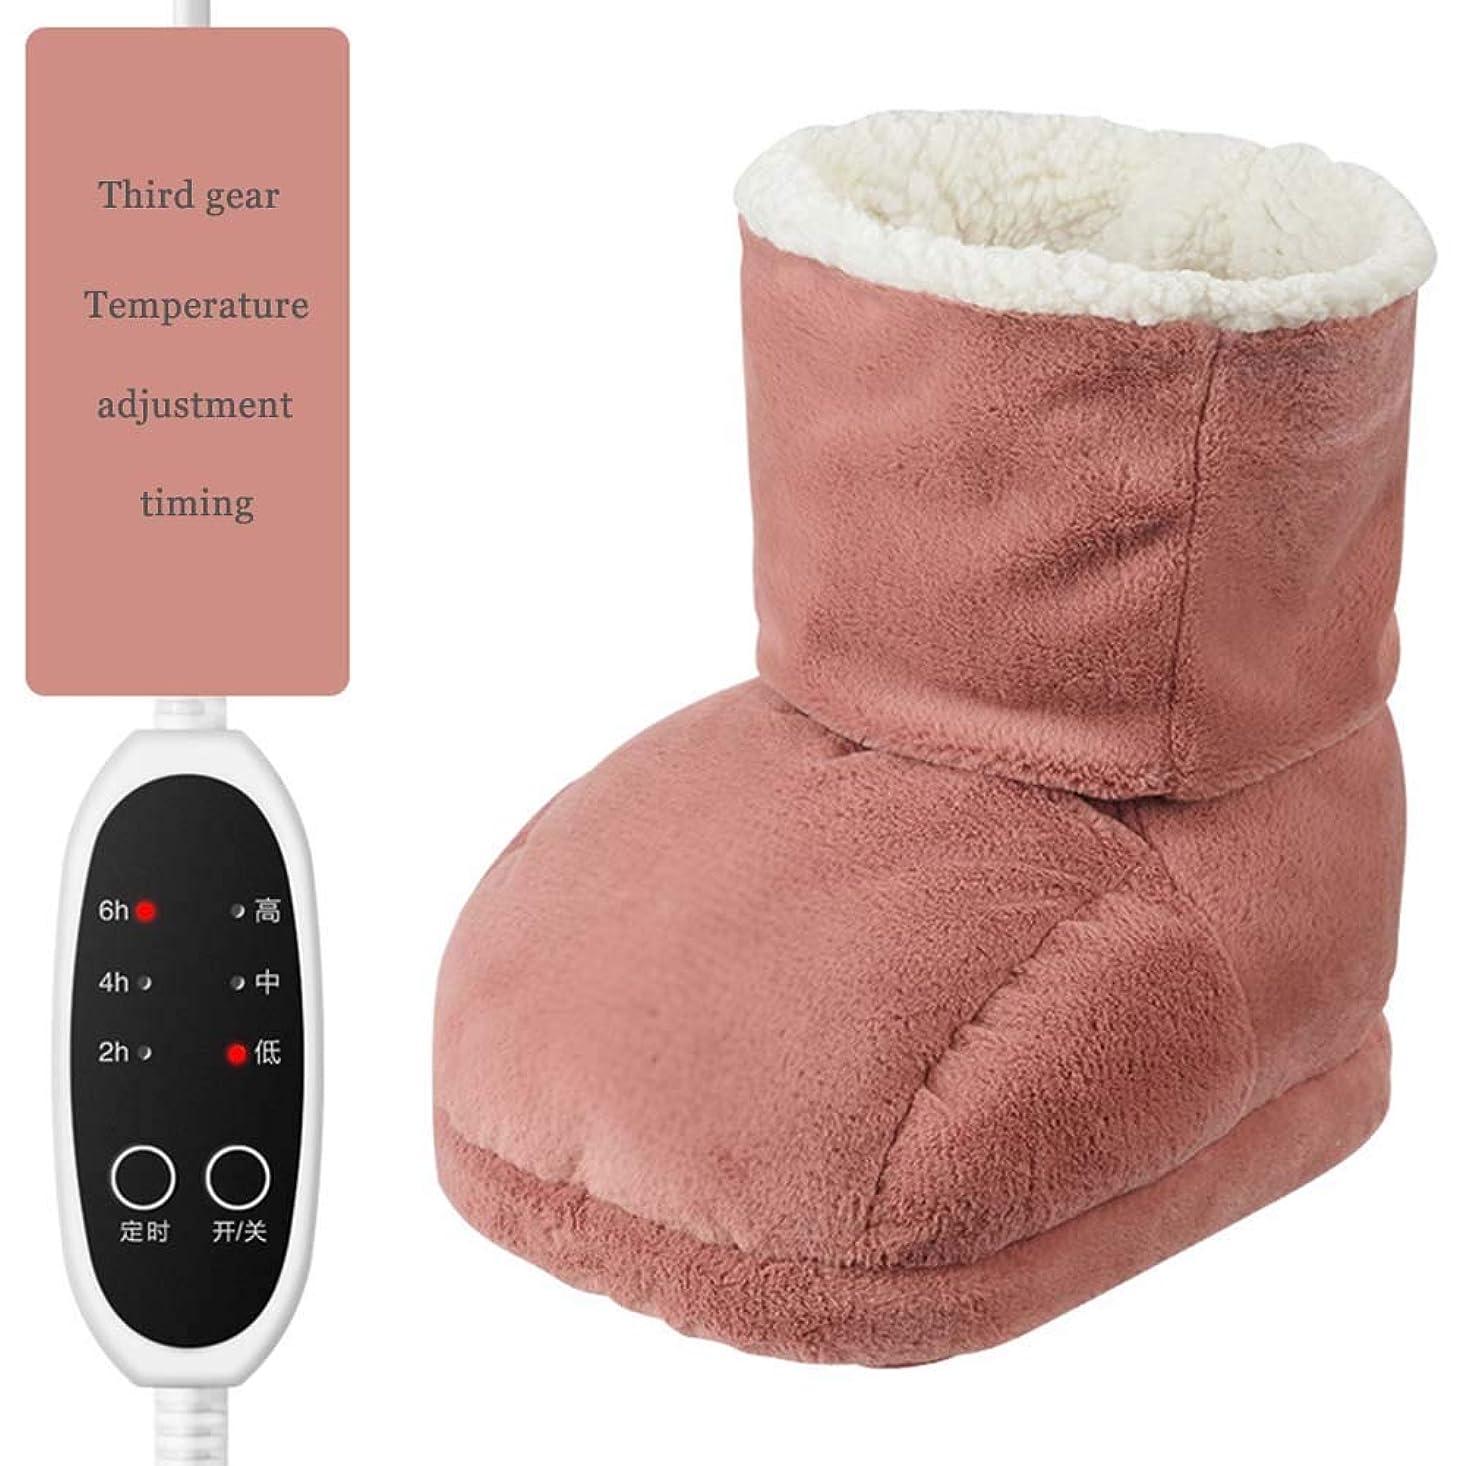 ますます編集するすることになっている温度調節 温かい足の宝 プラグイン 加熱 足マッサージパッド 寮の部屋 電気靴 電熱 クッション 事務所 ウォームパッド 2個 MAG.AL,Pink,25 * 33 * 40Cm